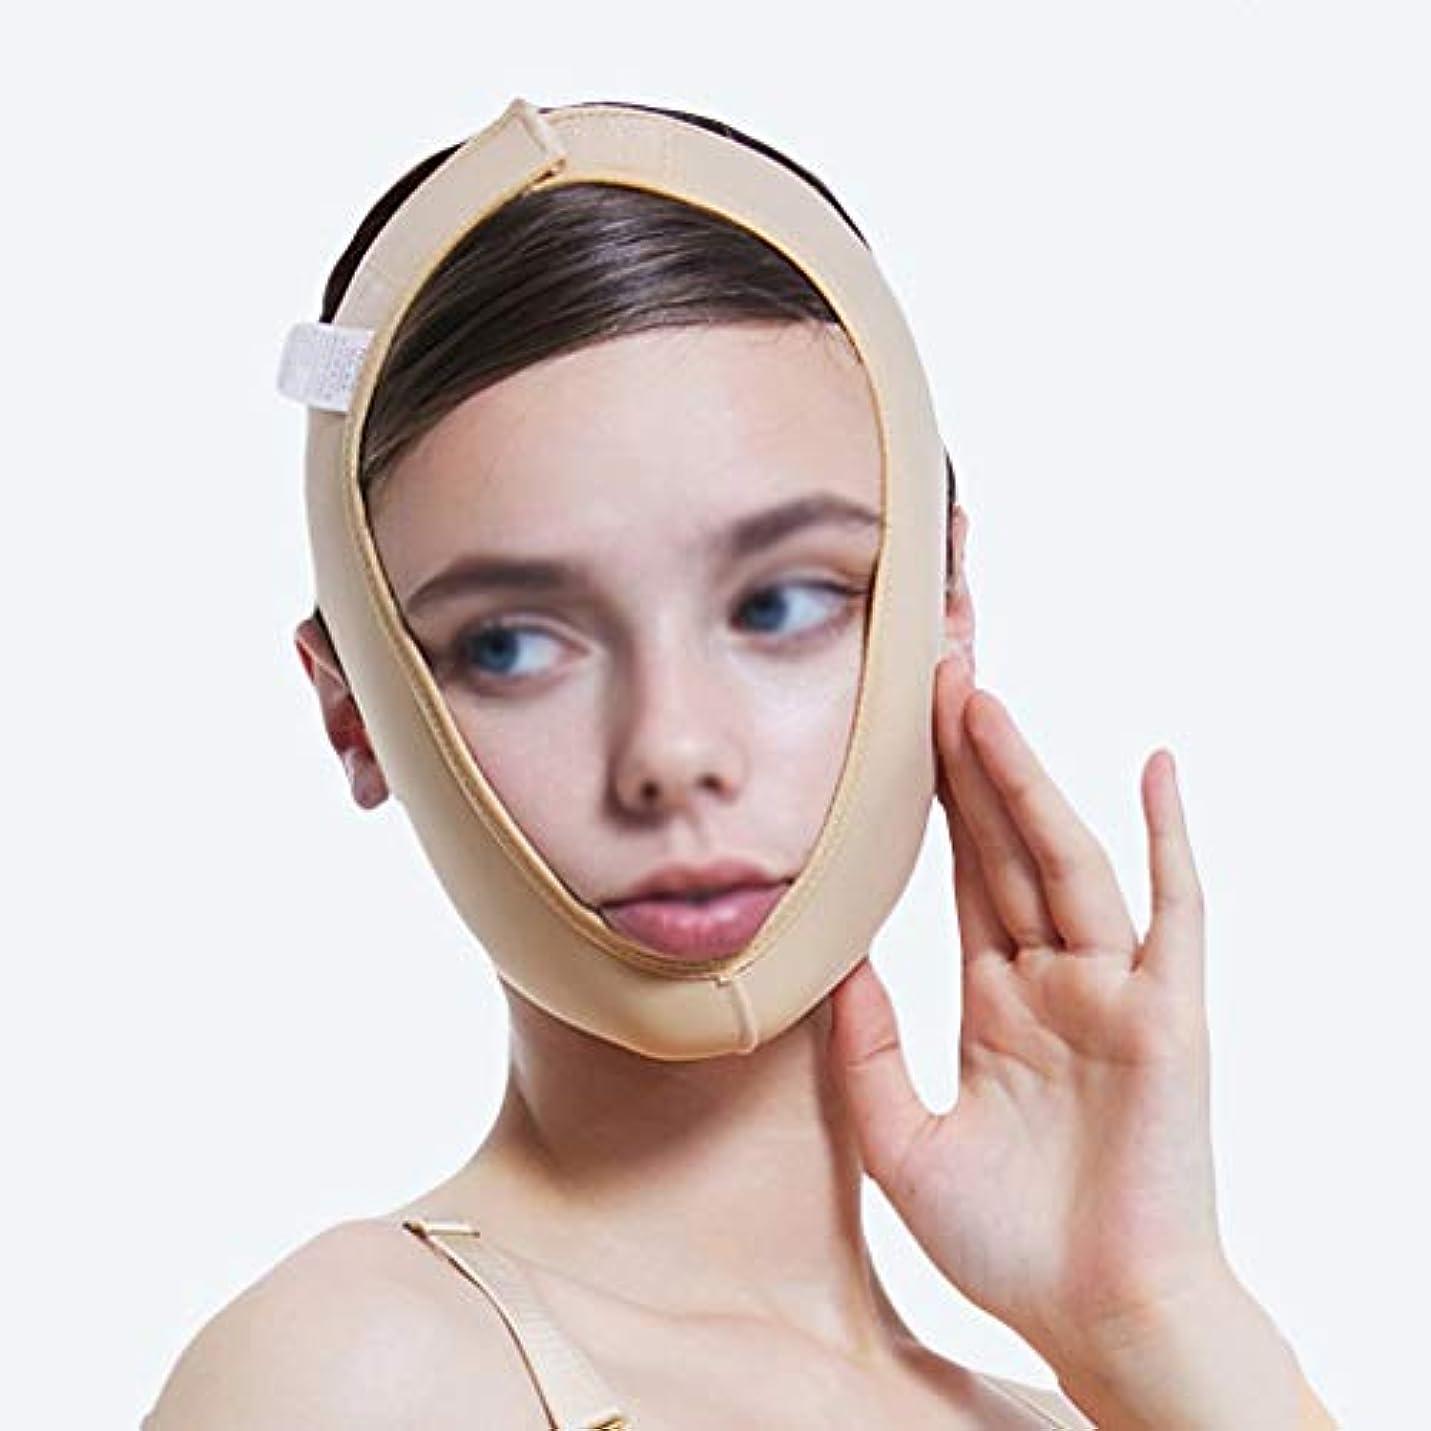 液化するチョップ状XHLMRMJ フェイスリフティングマッサージフェイスリフティング、フェイスバンド引き締め肌用包帯、首の圧縮面、超薄型、リフティング引き締め (Size : S)